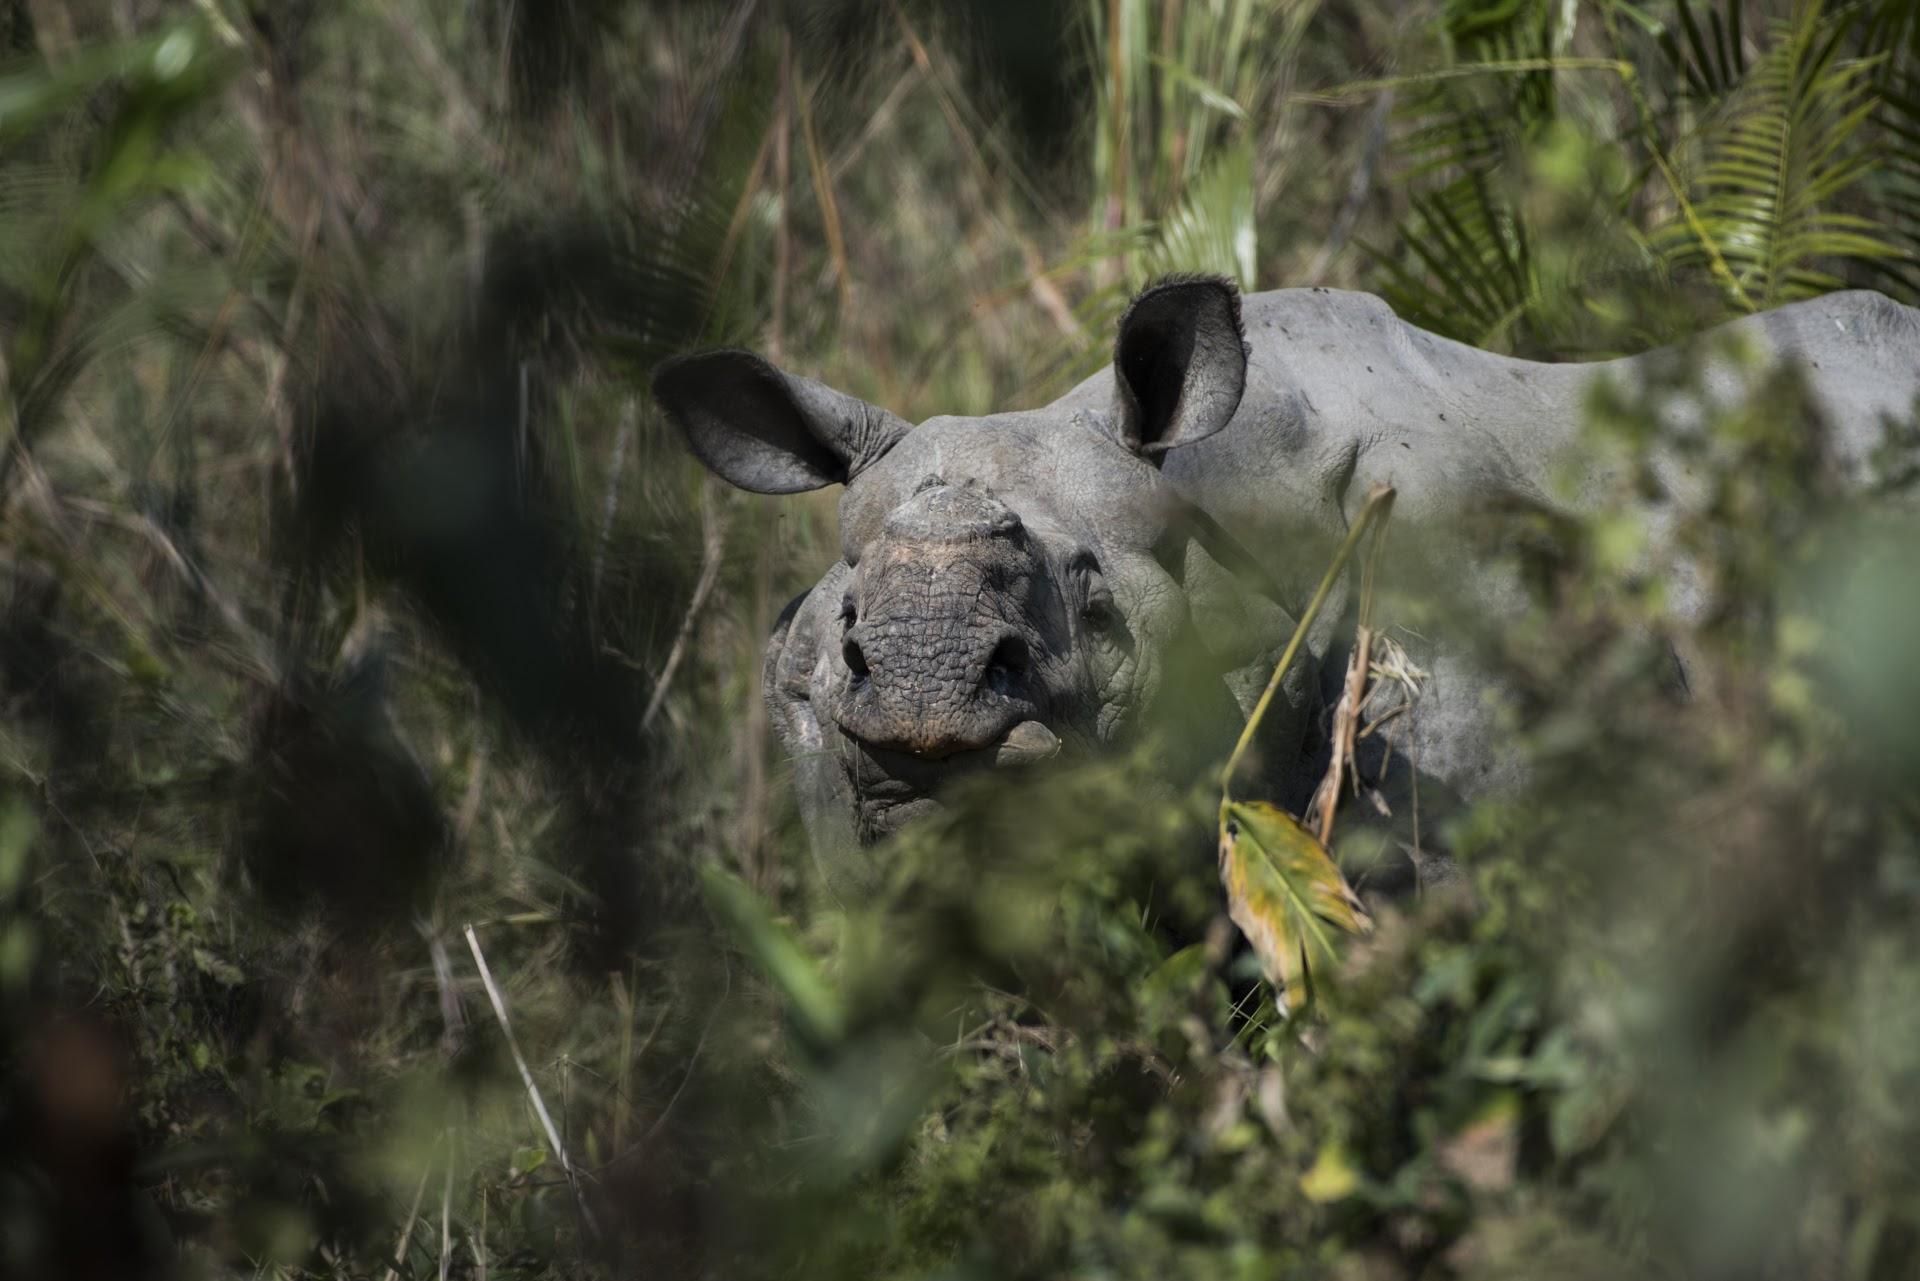 Rhino nose